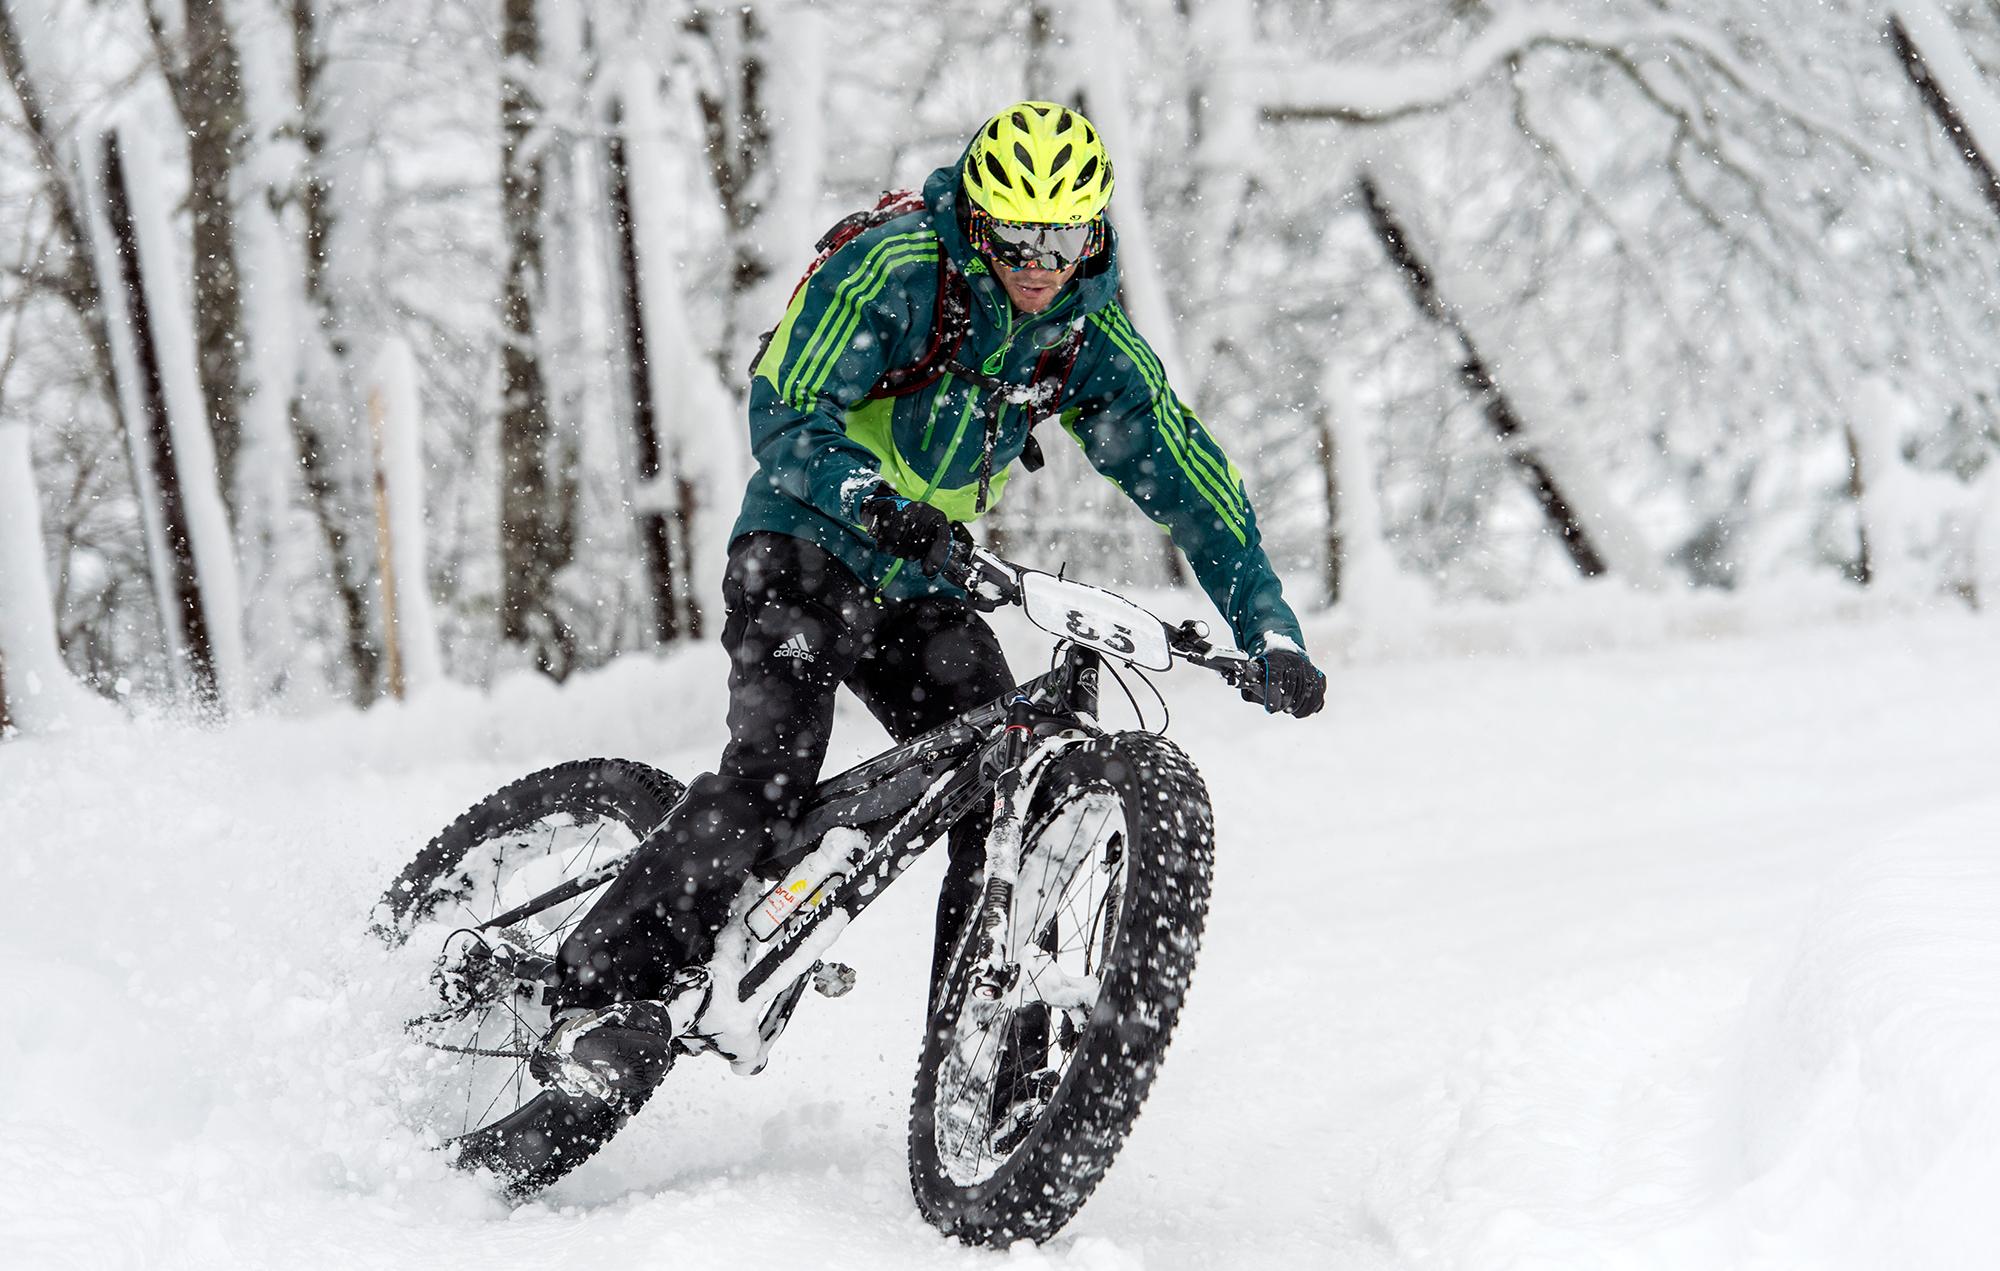 mountainbike snow winter extreme-#29